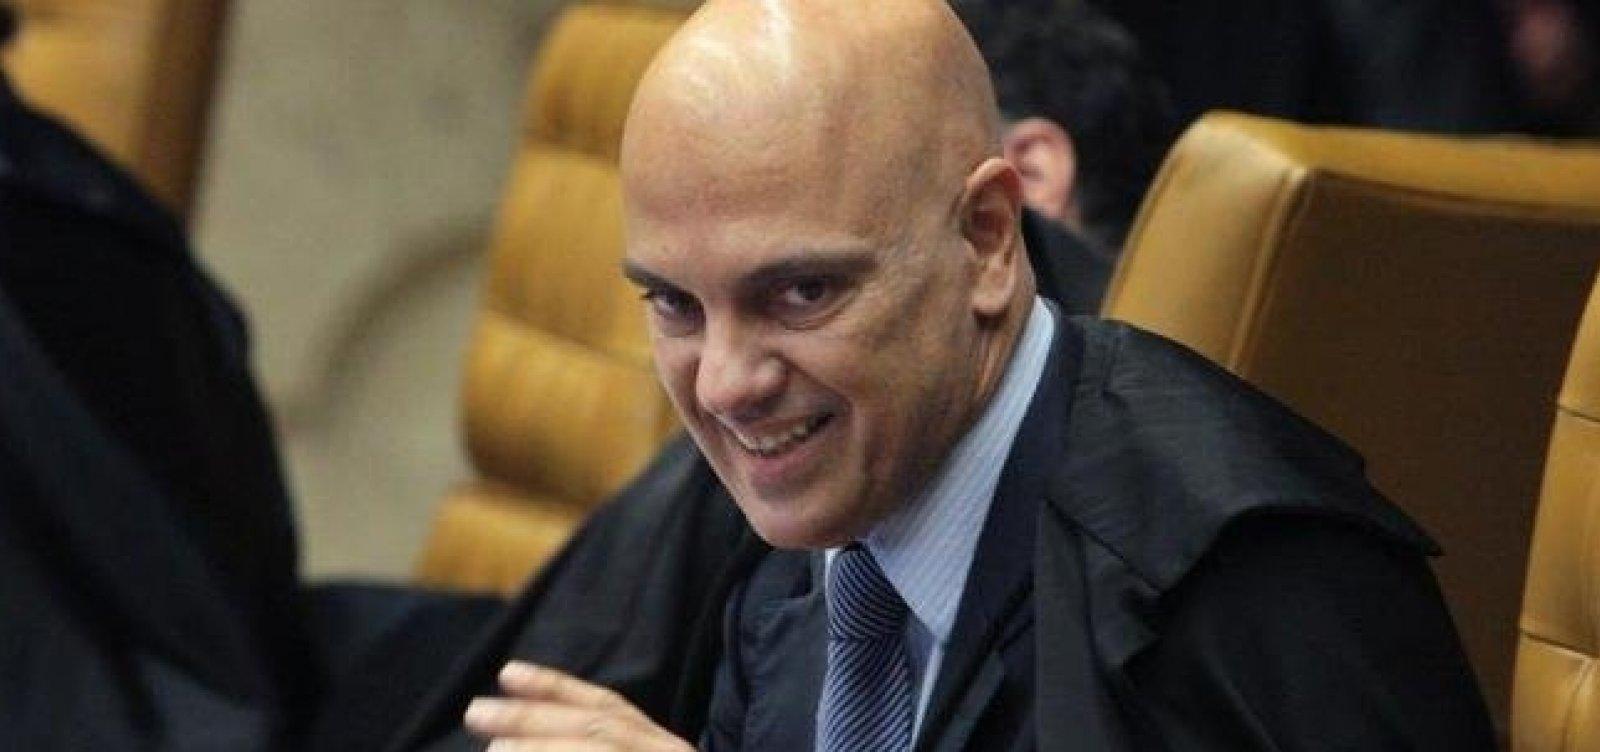 Ministro do STF revoga decisão de censurar site e revista